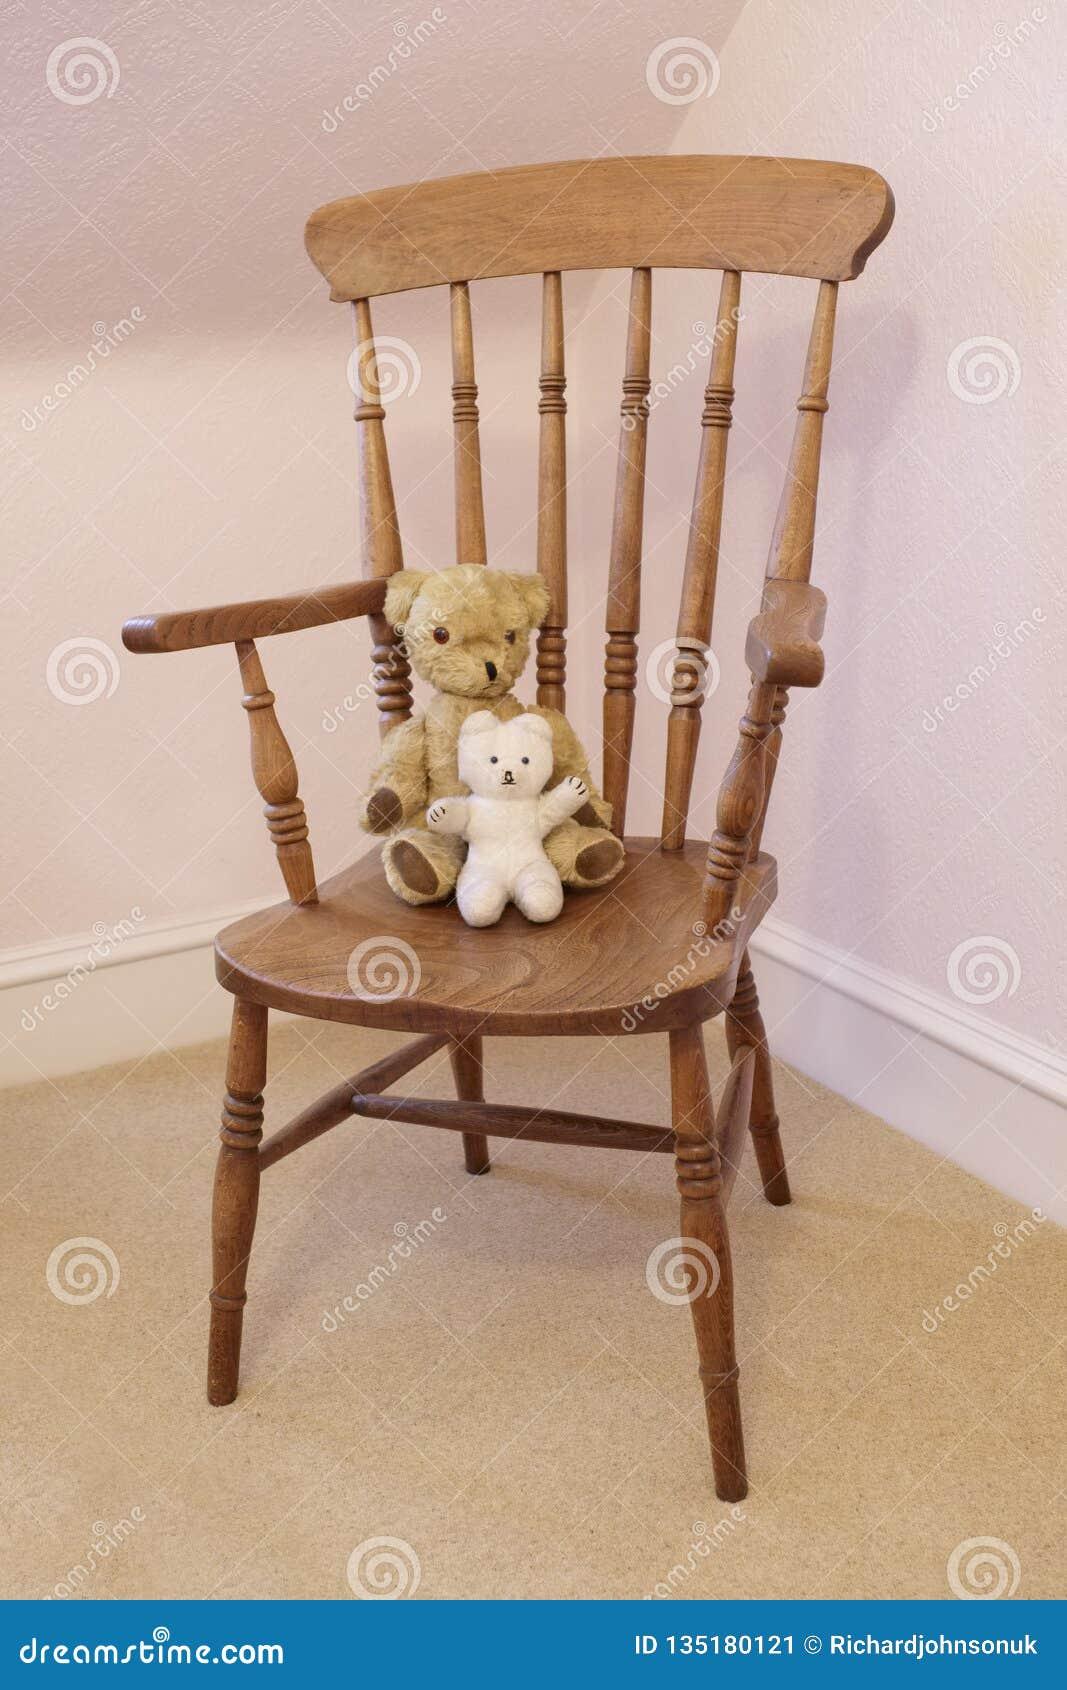 Το Teddy αφορά το παλαιό βικτοριανό μαλακό παιχνίδι την ξύλινη καρέκλα